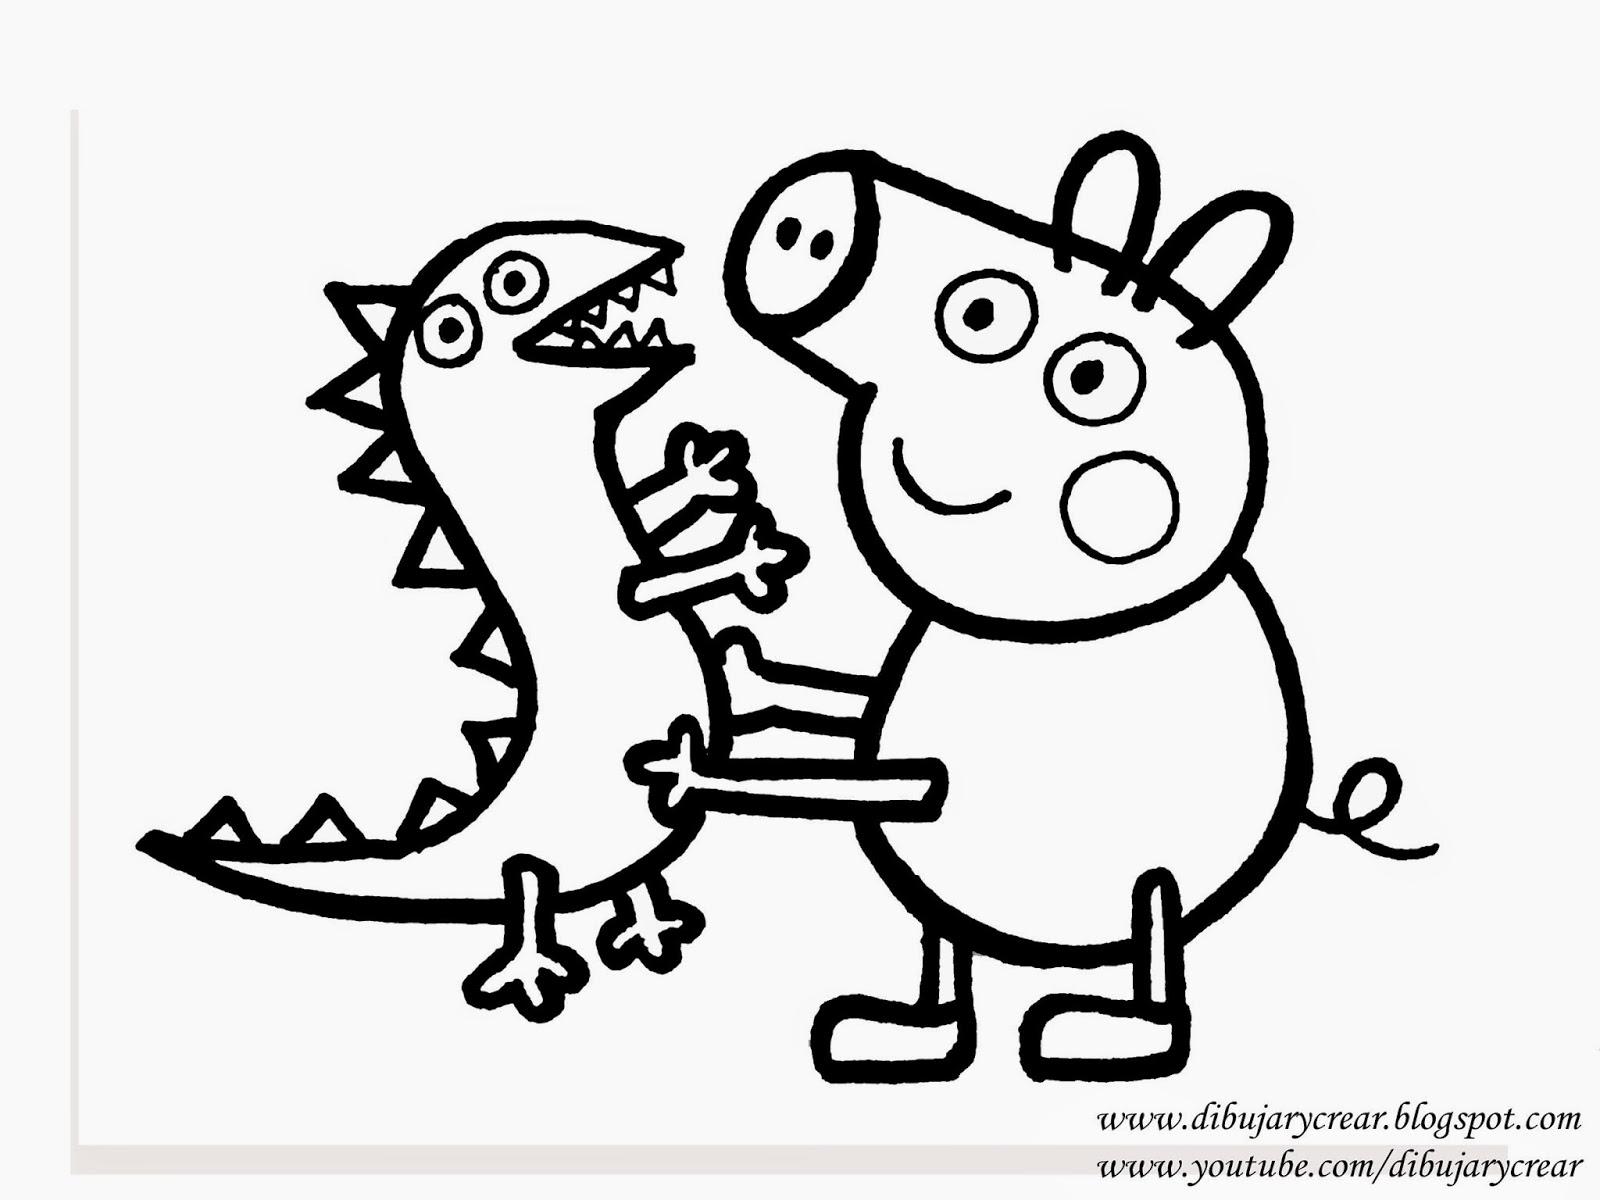 Dibujar y Crear Como Dibujar a George Pig Hermano de Peppa Pig